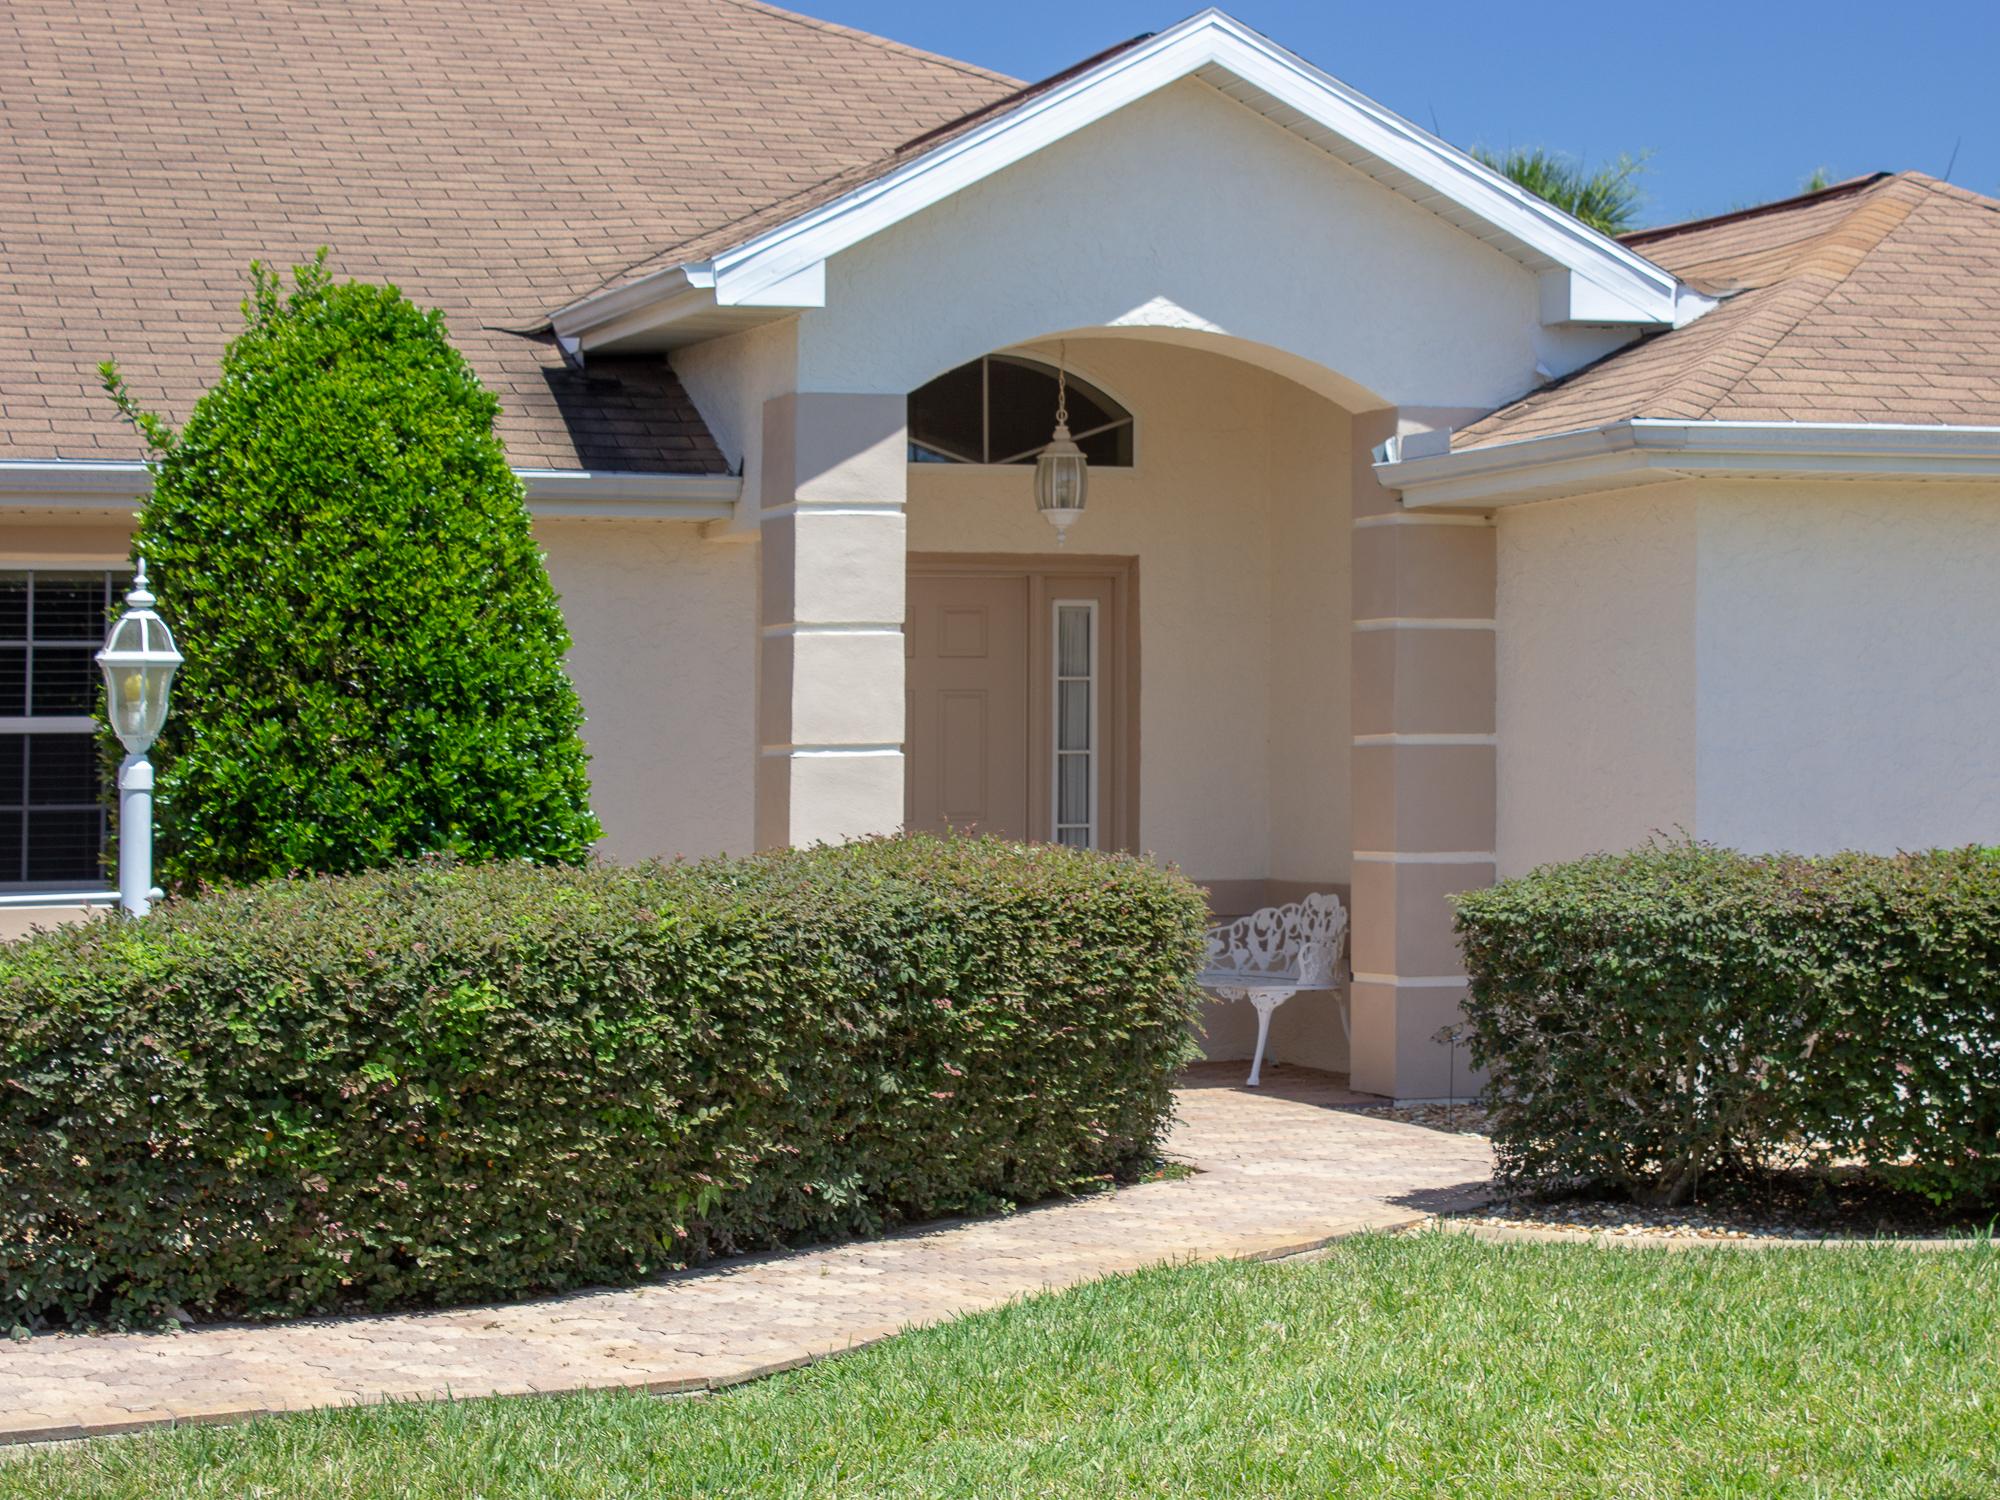 17431-SE-110th-Terrace-Summerfield-FL-34491-139-of-39